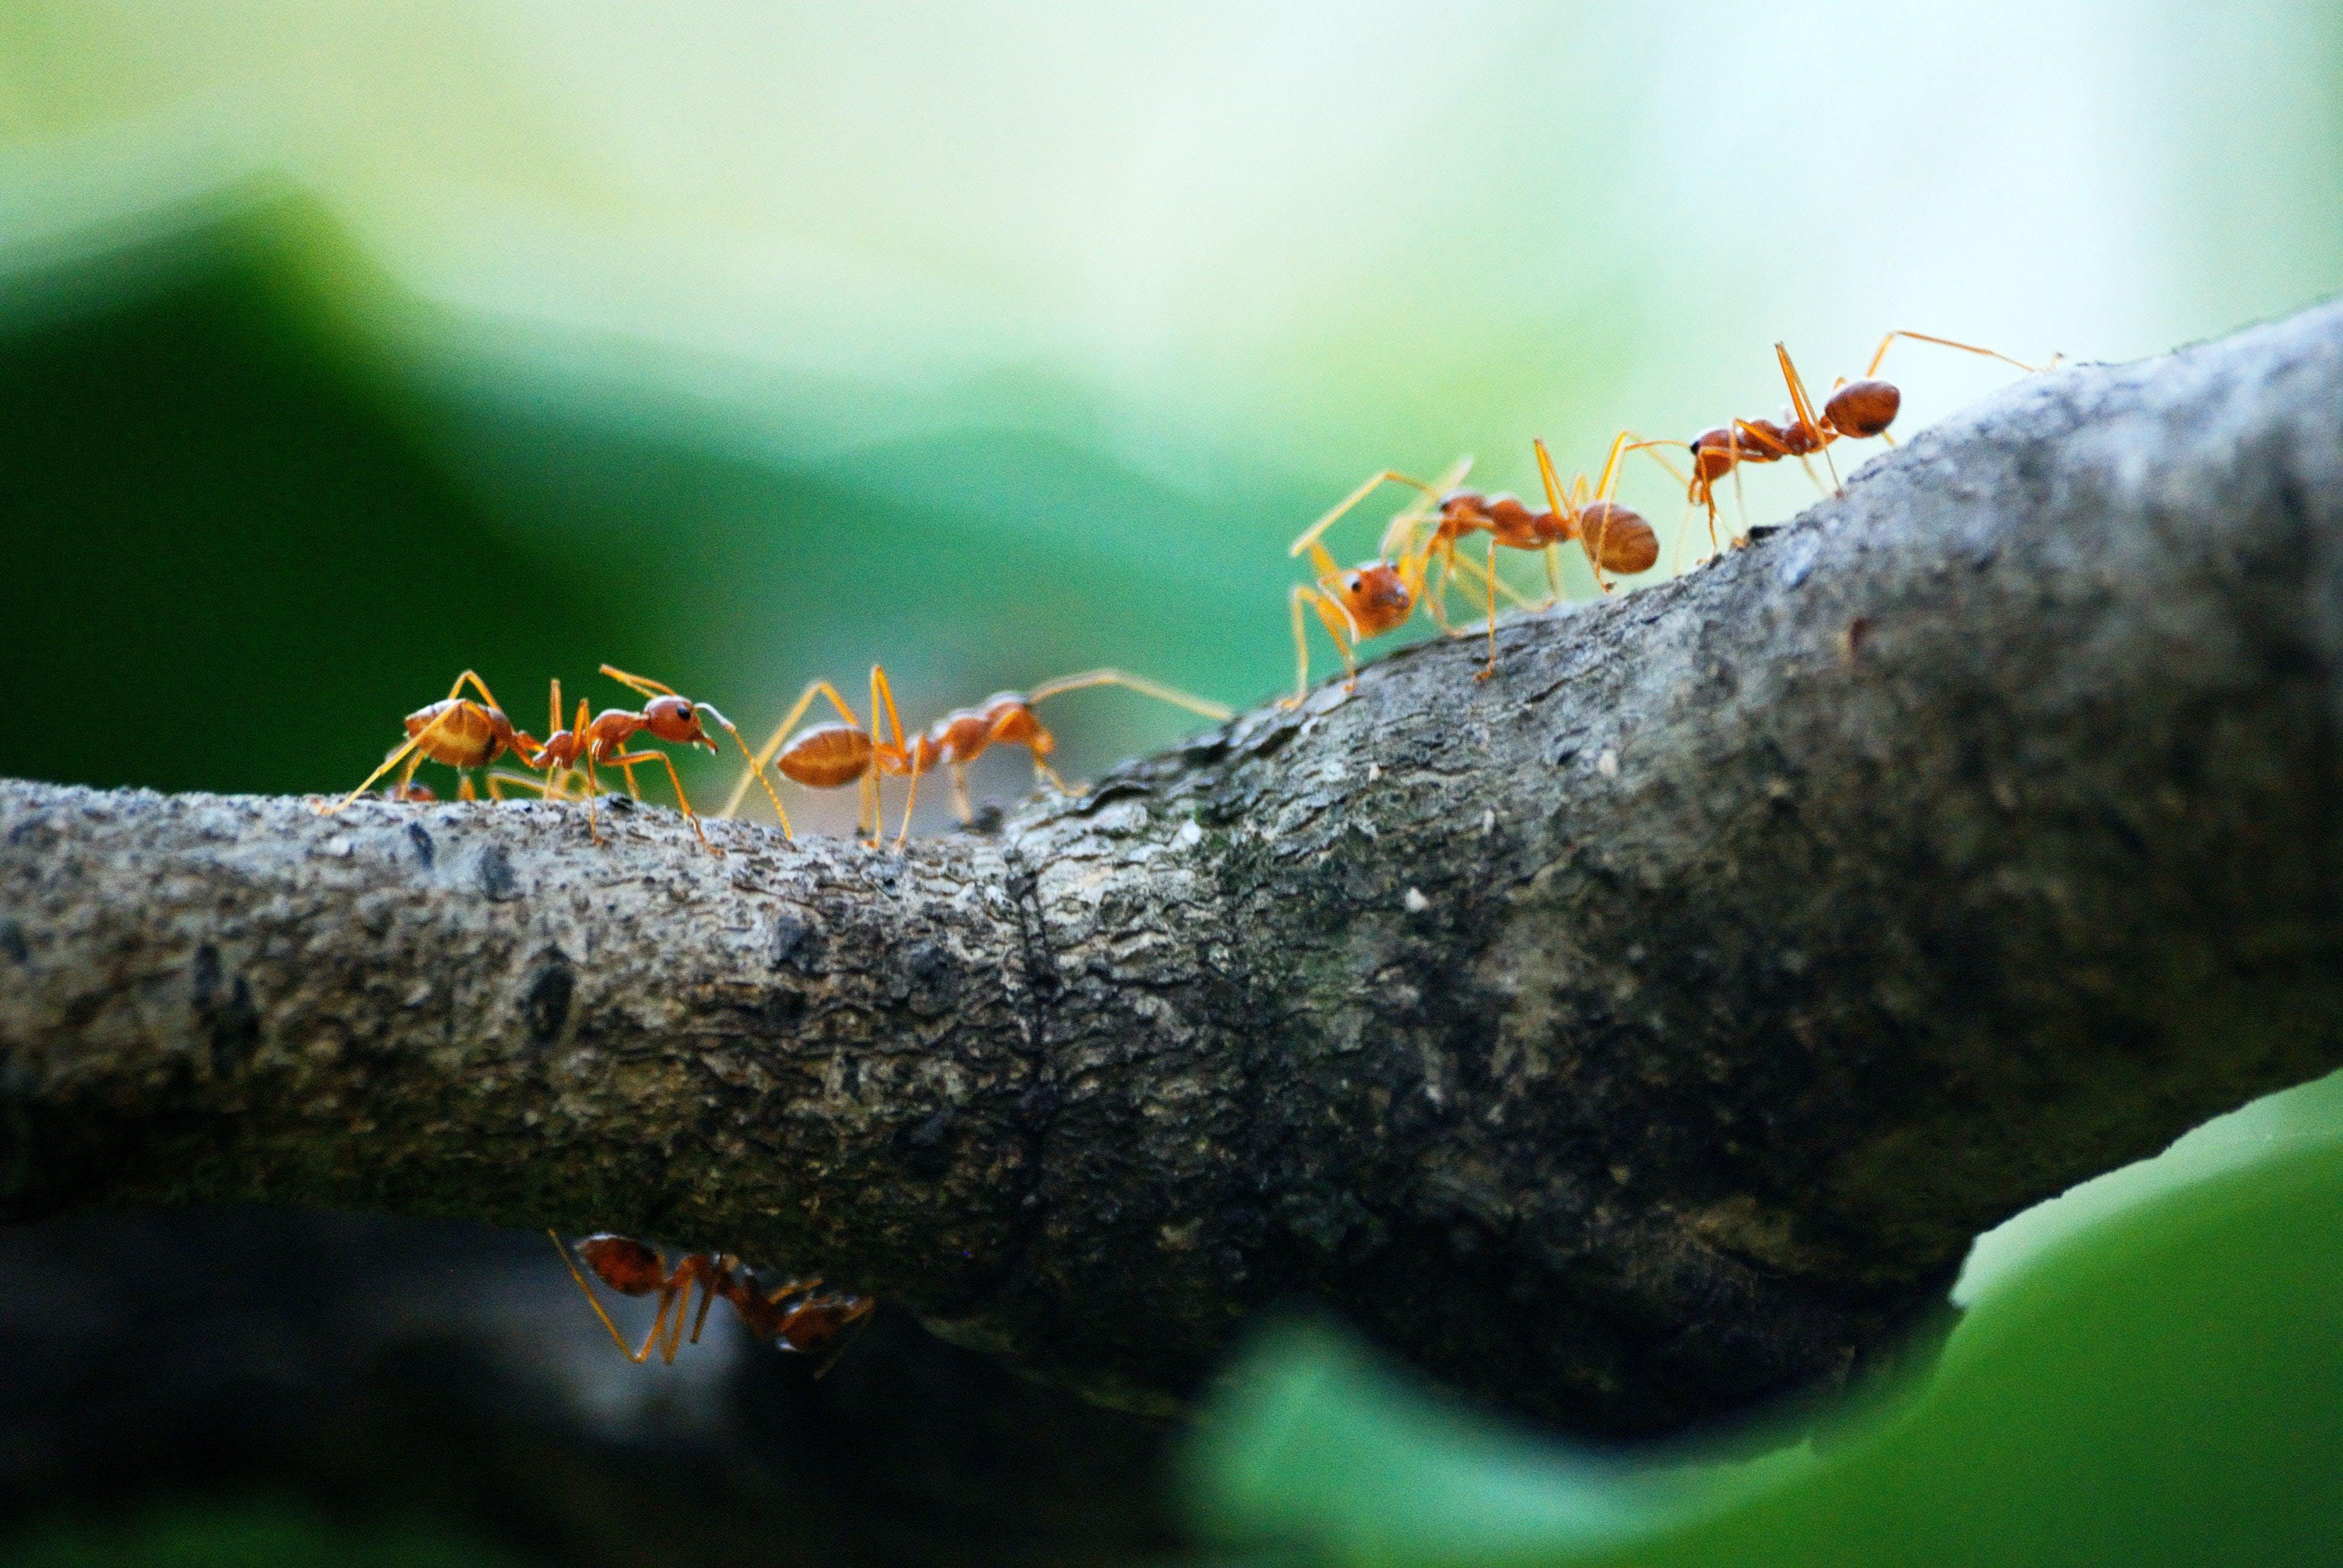 개미, 곤충학, 나뭇가지, 낮의 무료 스톡 사진